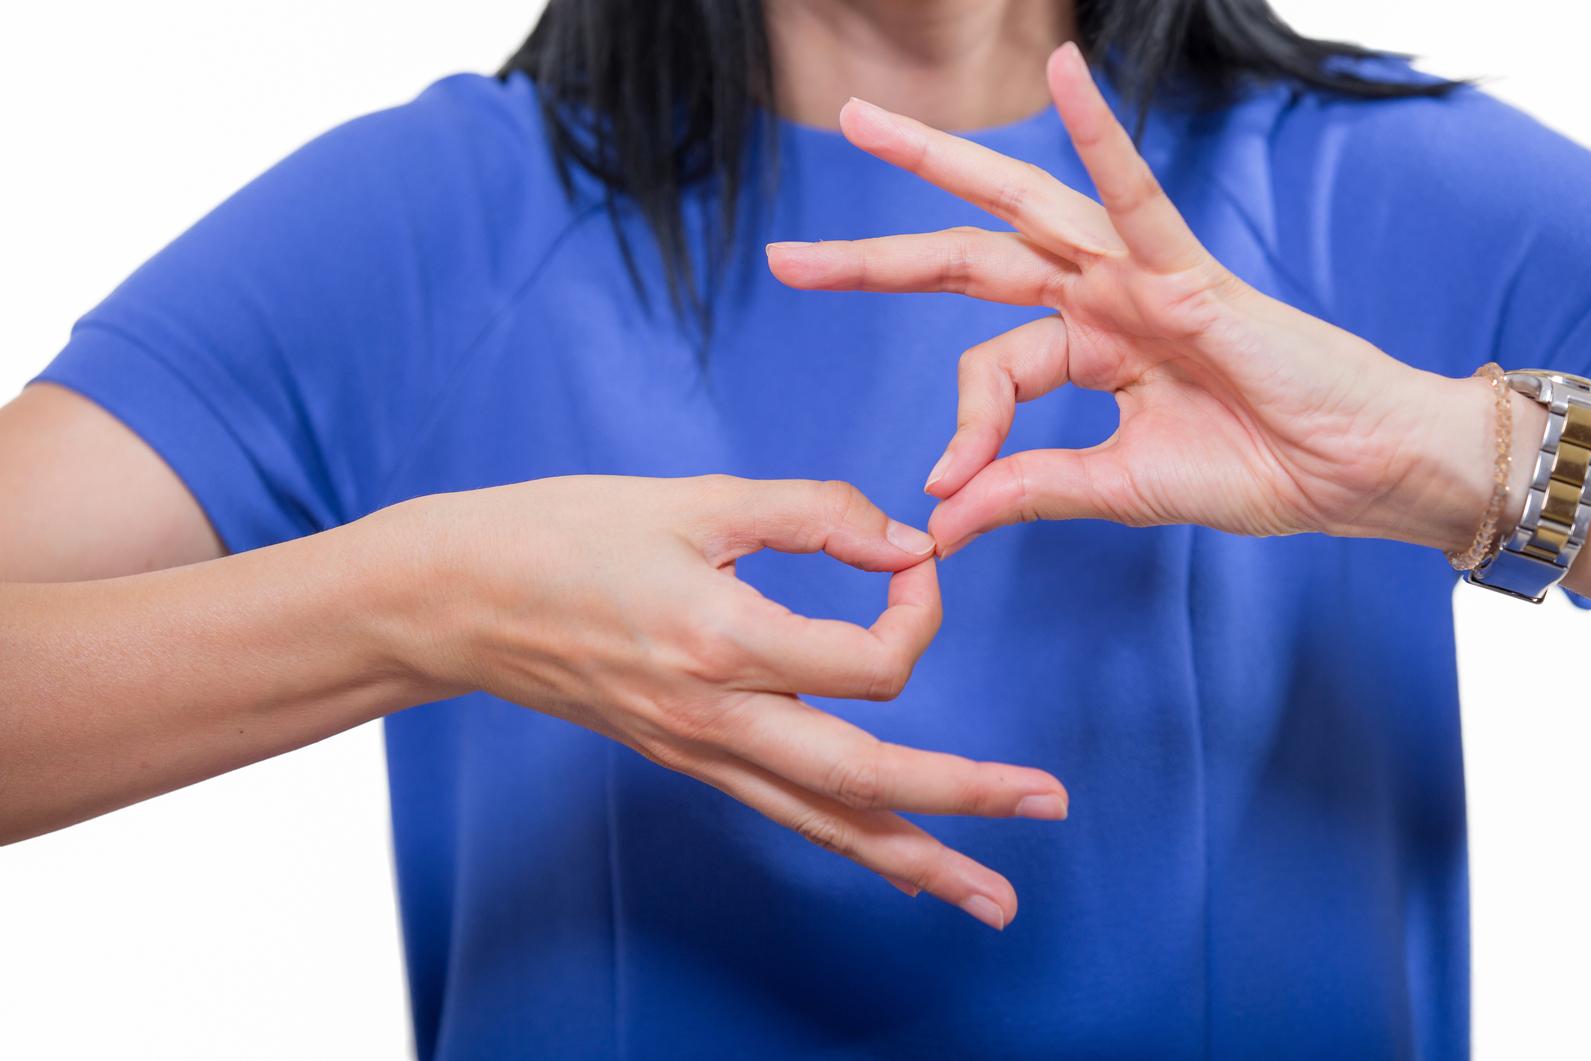 Для освоения дактилологии важно понимать, что это ручной алфавит, для него главное – постановка пальцев